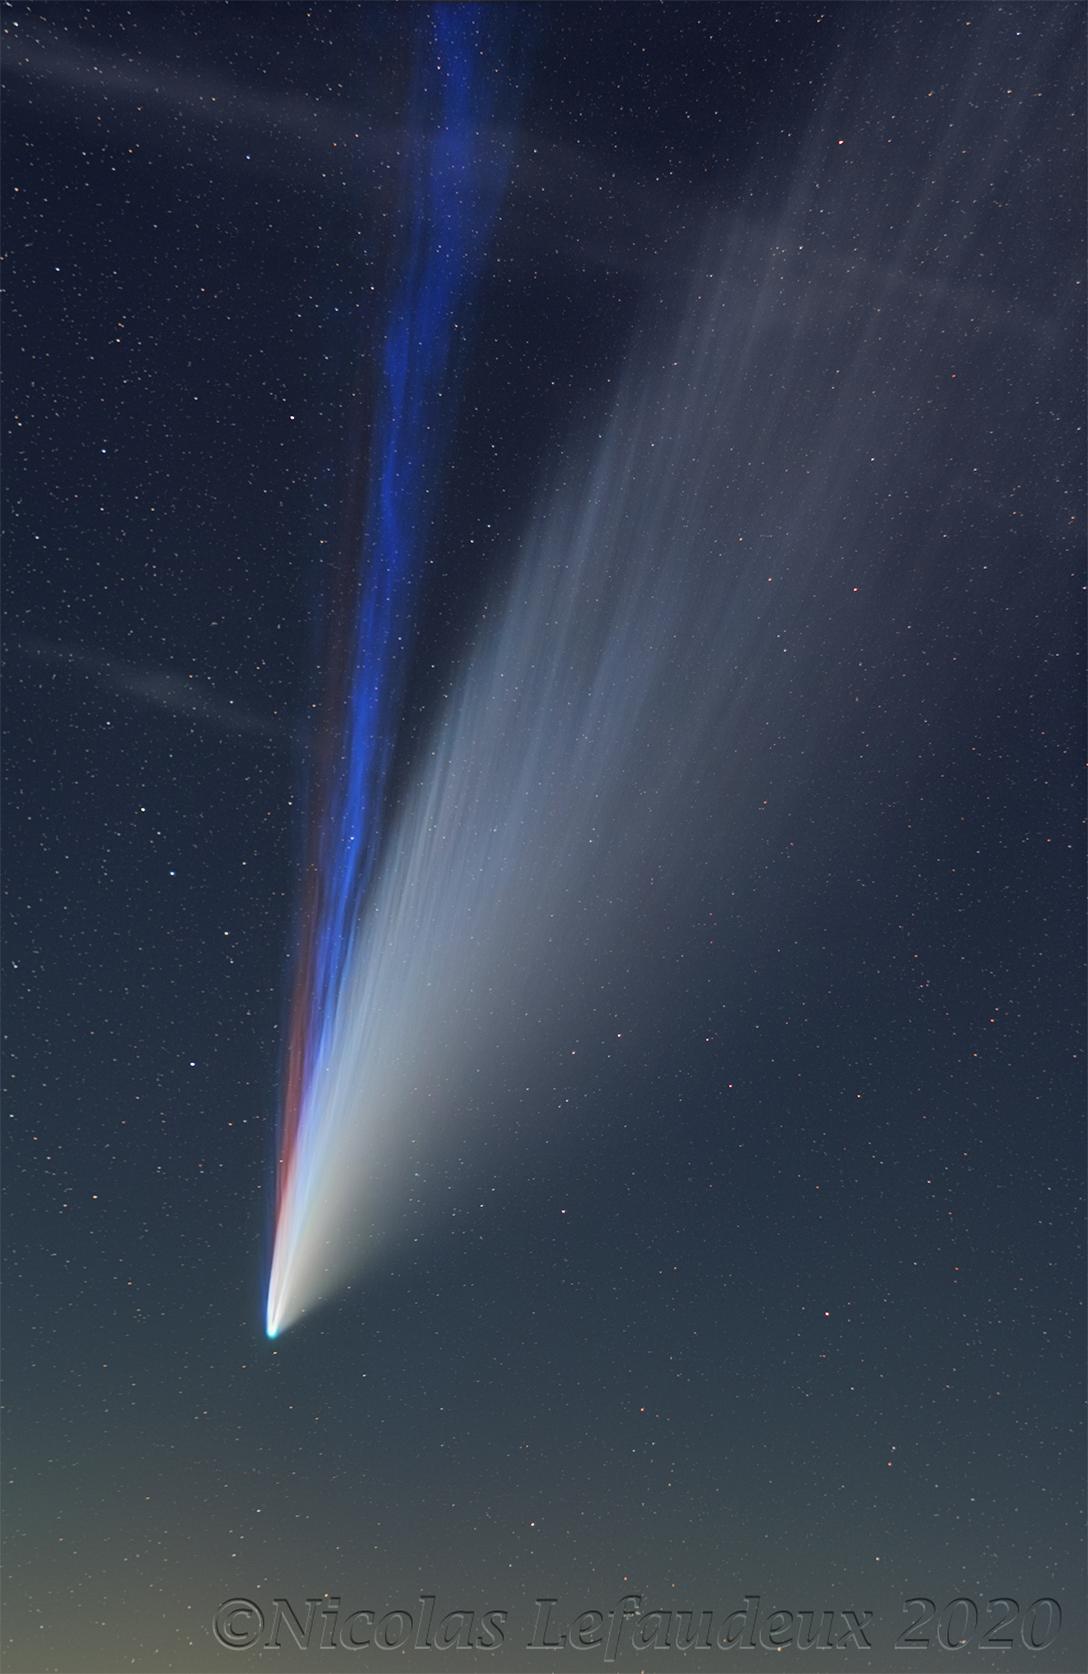 NEOWISE 彗星 ê 三條尾溜 ft. 阿錕 (20210308)